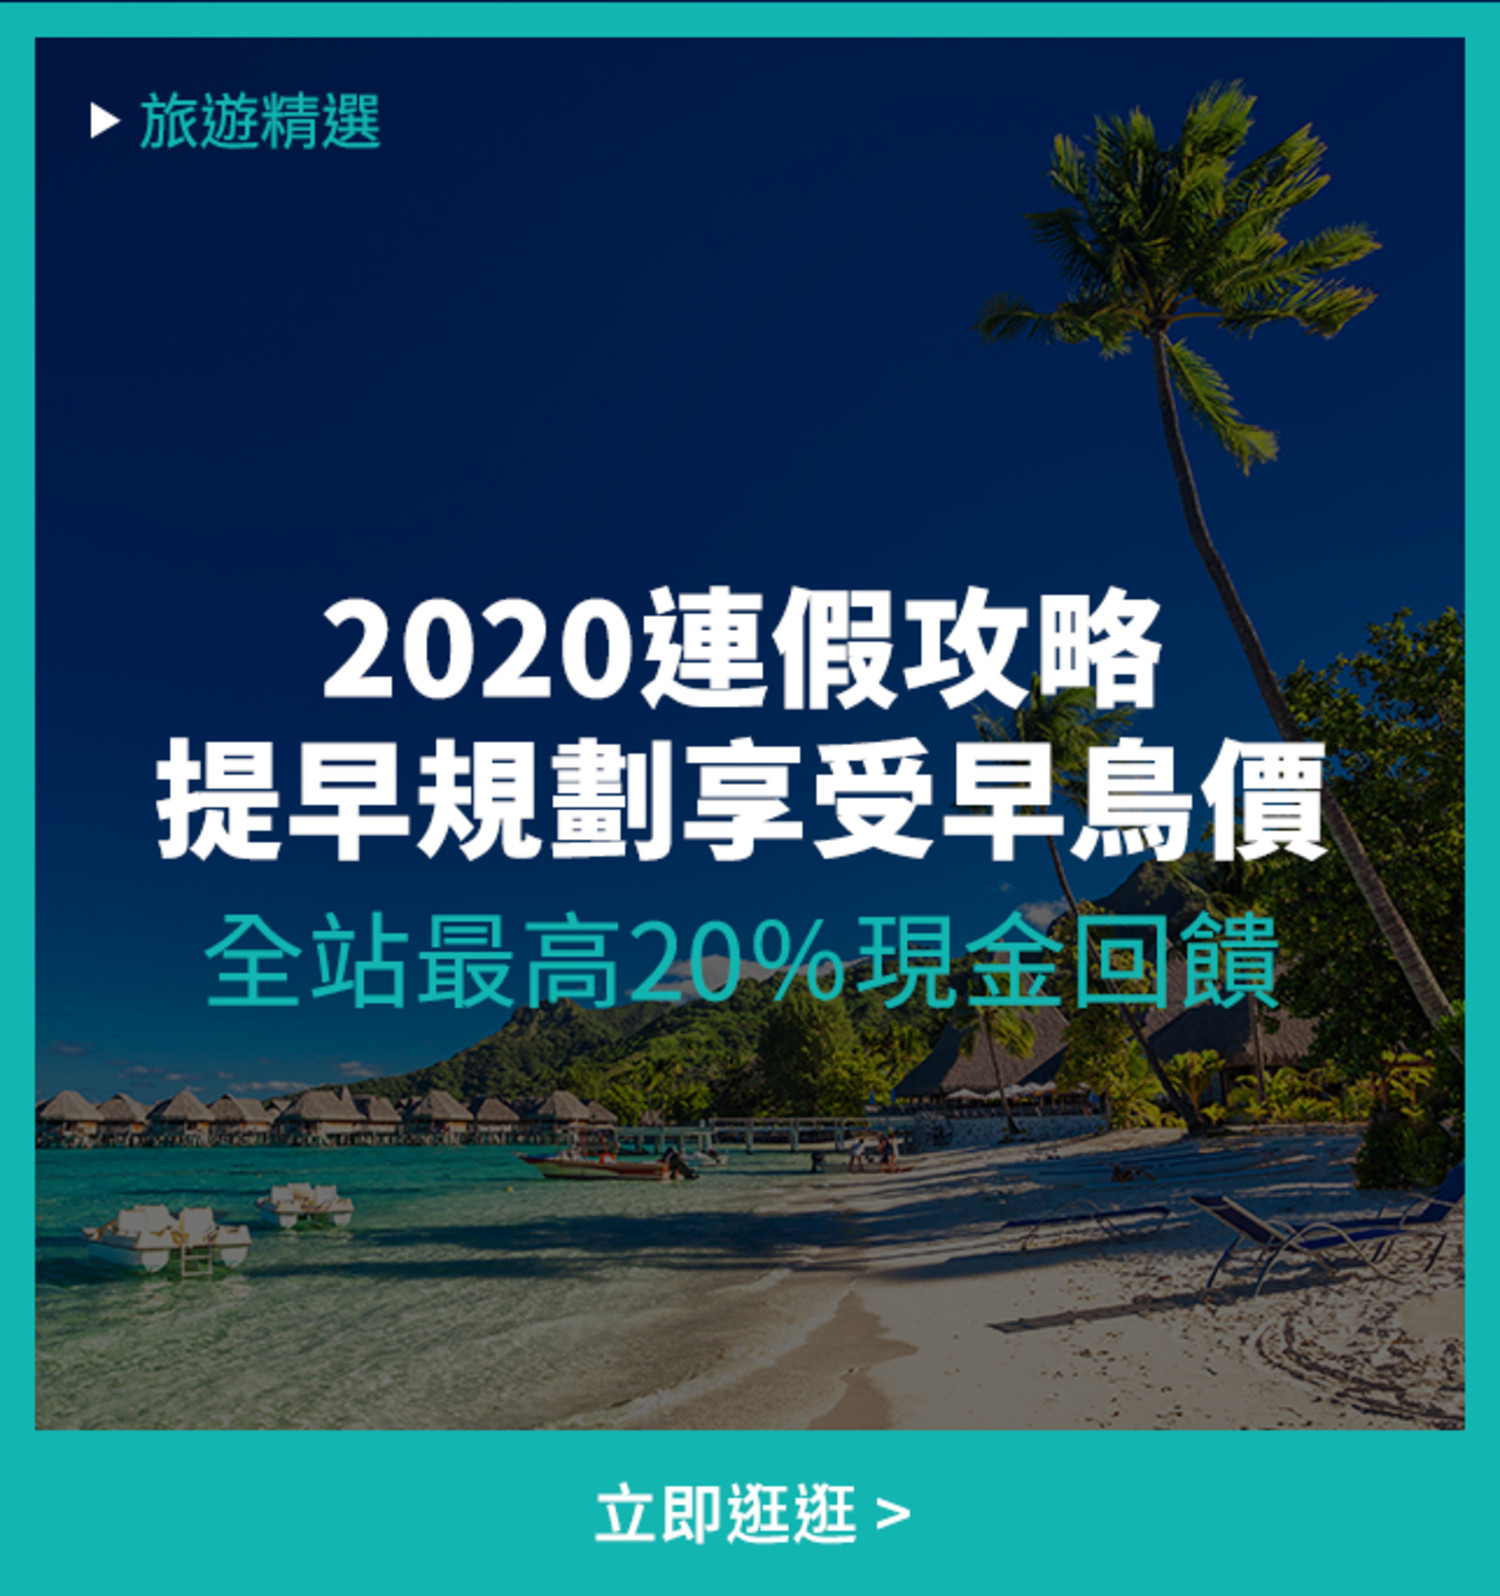 旅遊Campaign